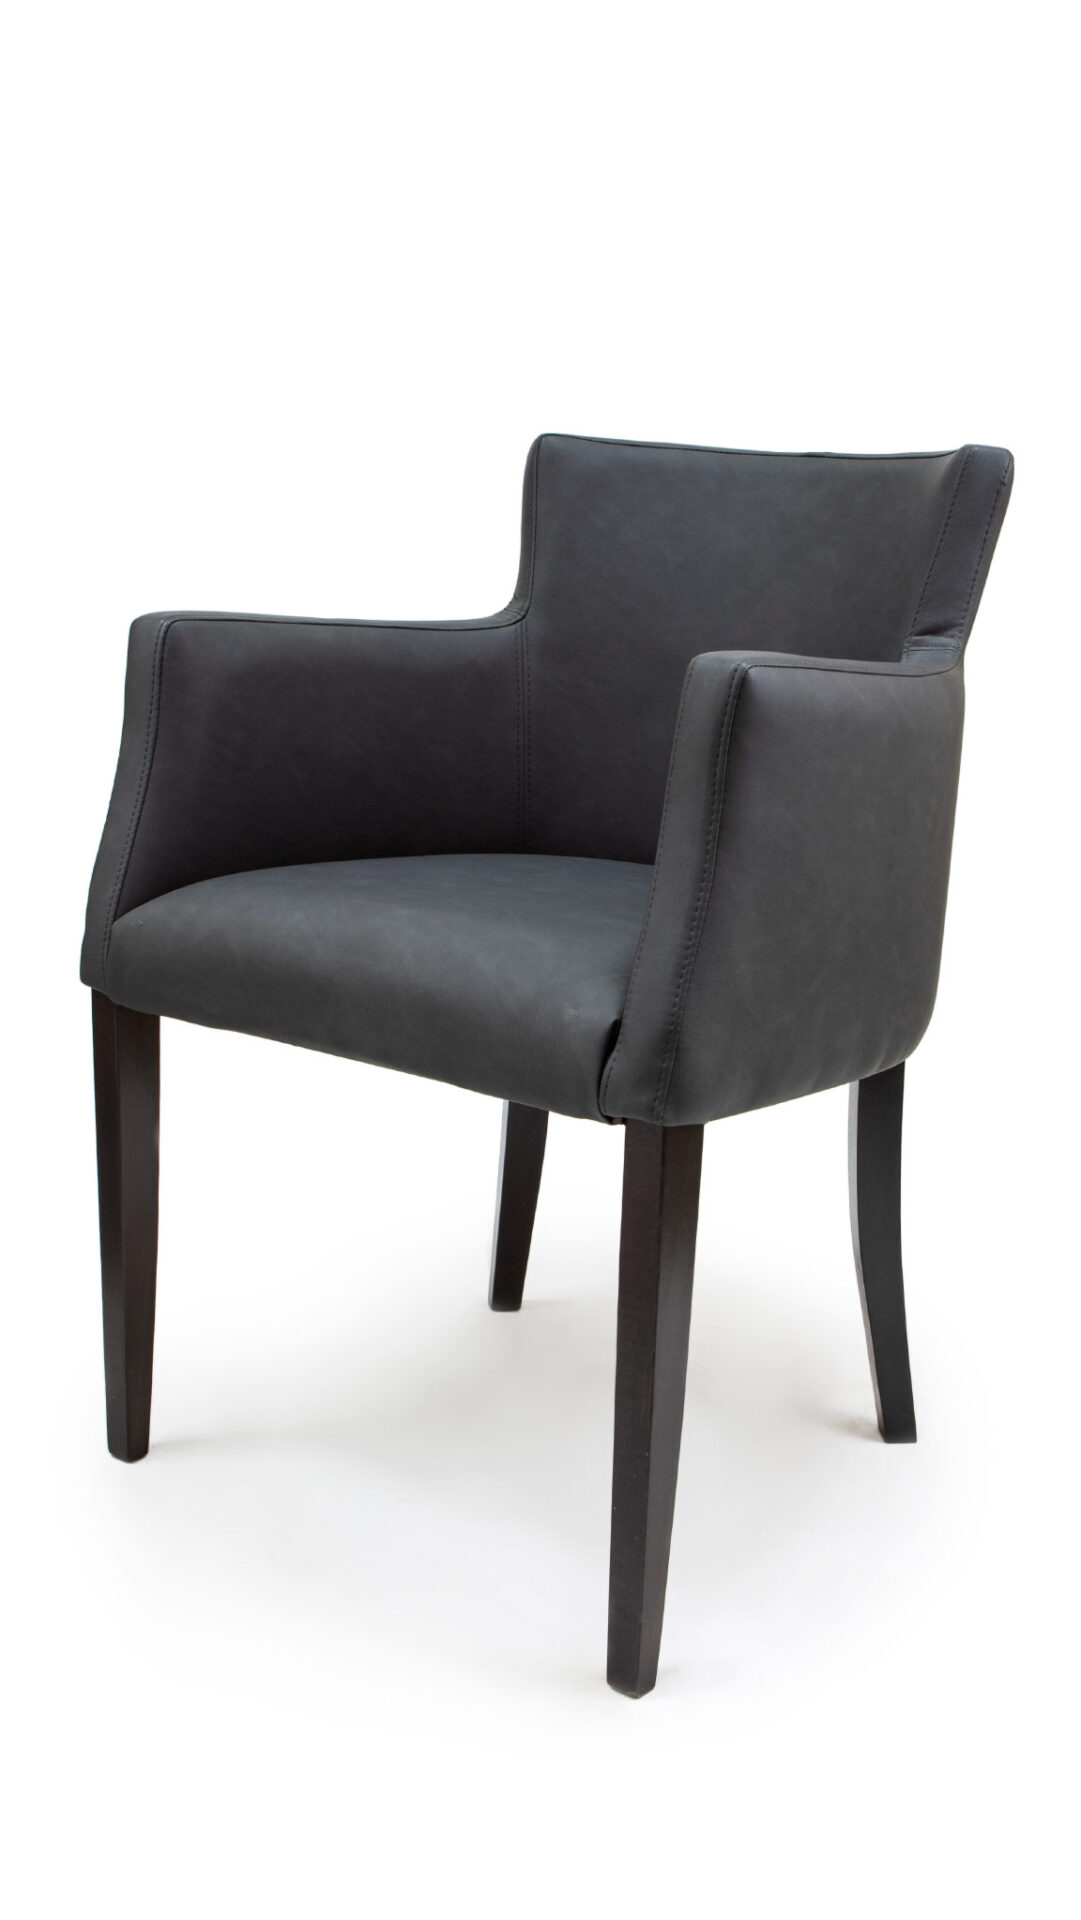 Кресло от масив бук - 1384A